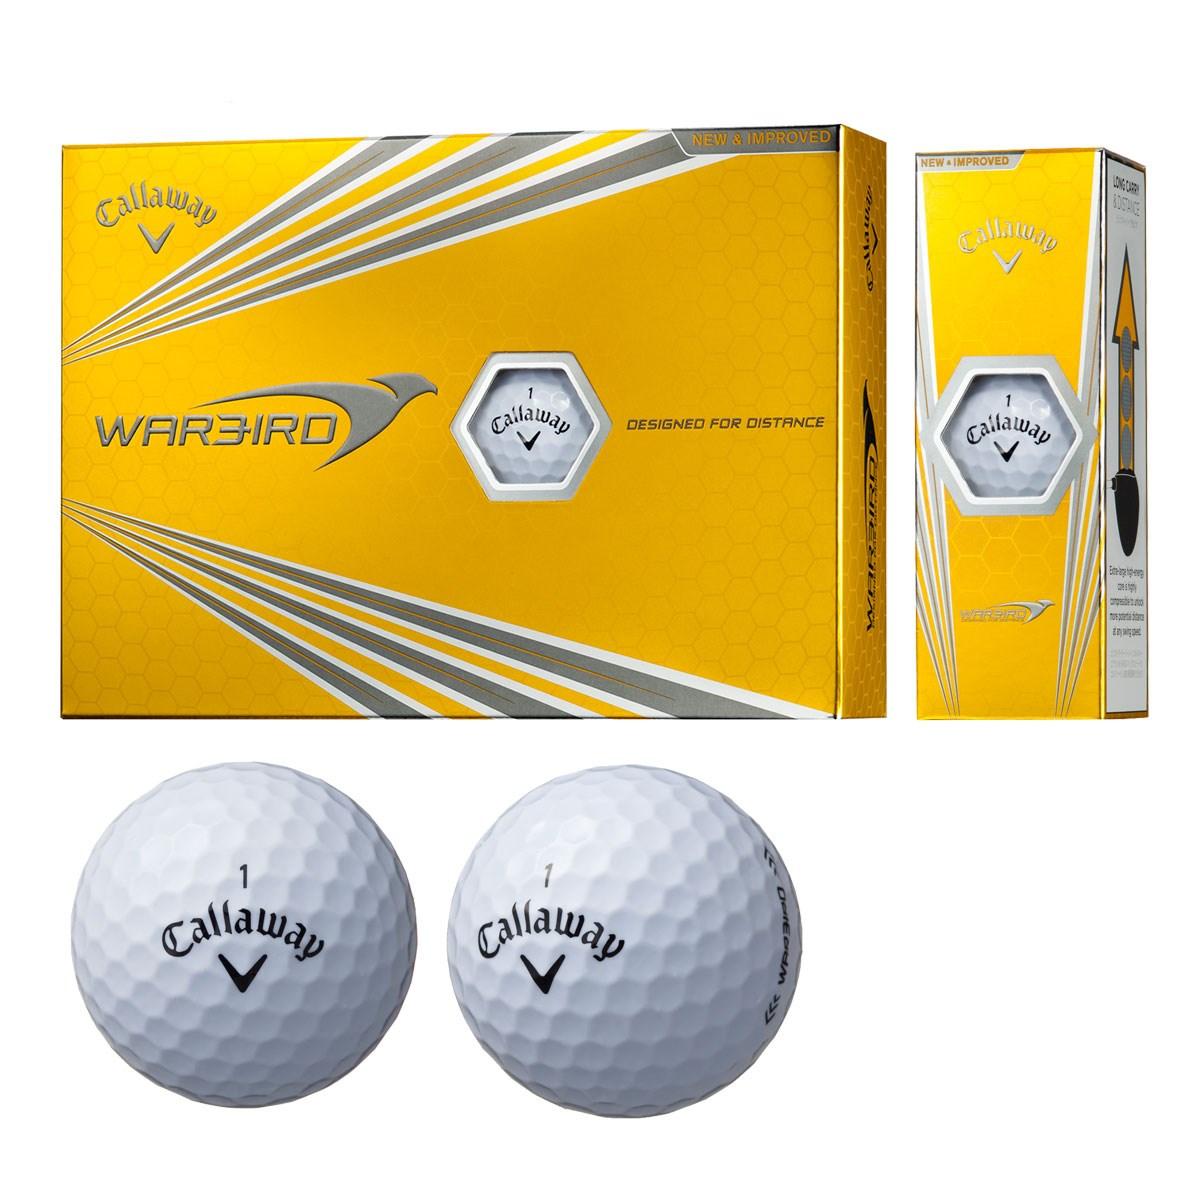 キャロウェイゴルフ(Callaway Golf) ウォーバード ボール 2017年モデル